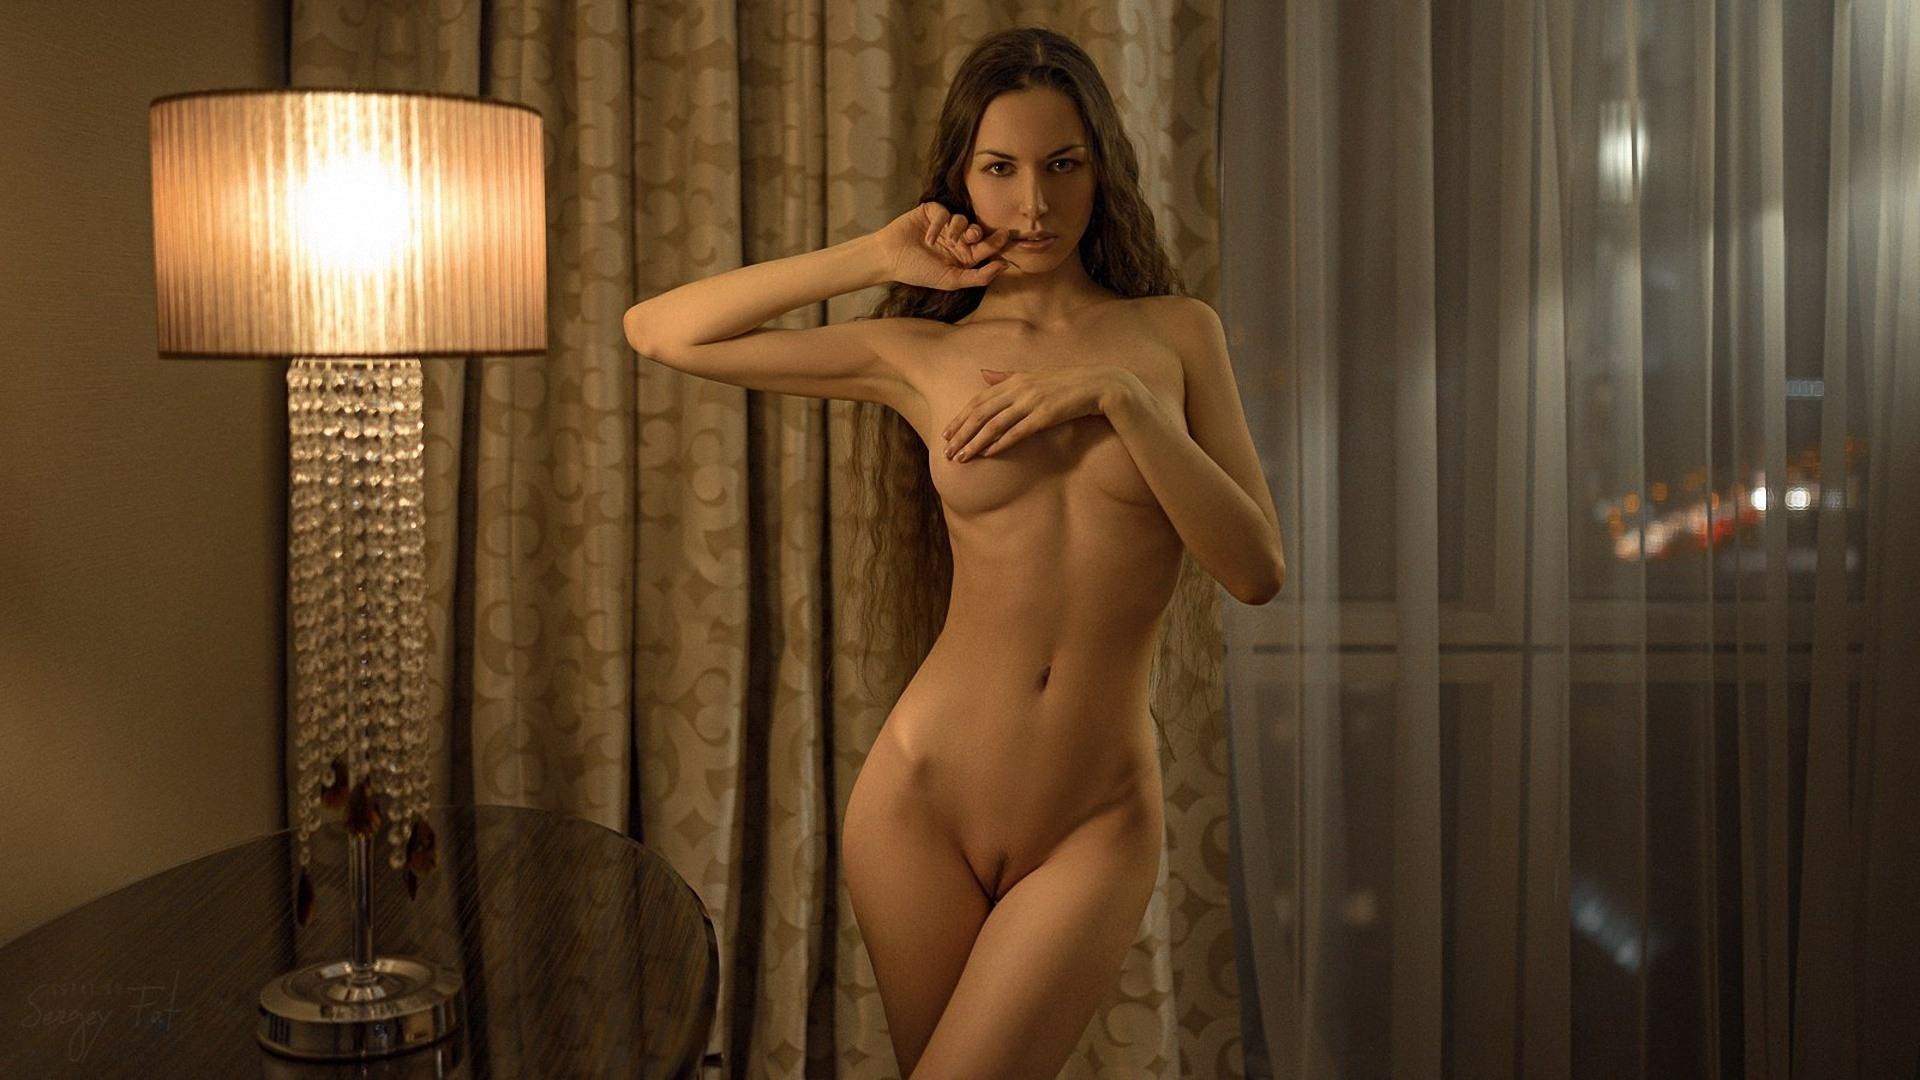 Фото Голая девушка эротично встала в комнате, прикрыла грудь рукой, пальцем водит по губам, лампа, скачать картинку бесплатно